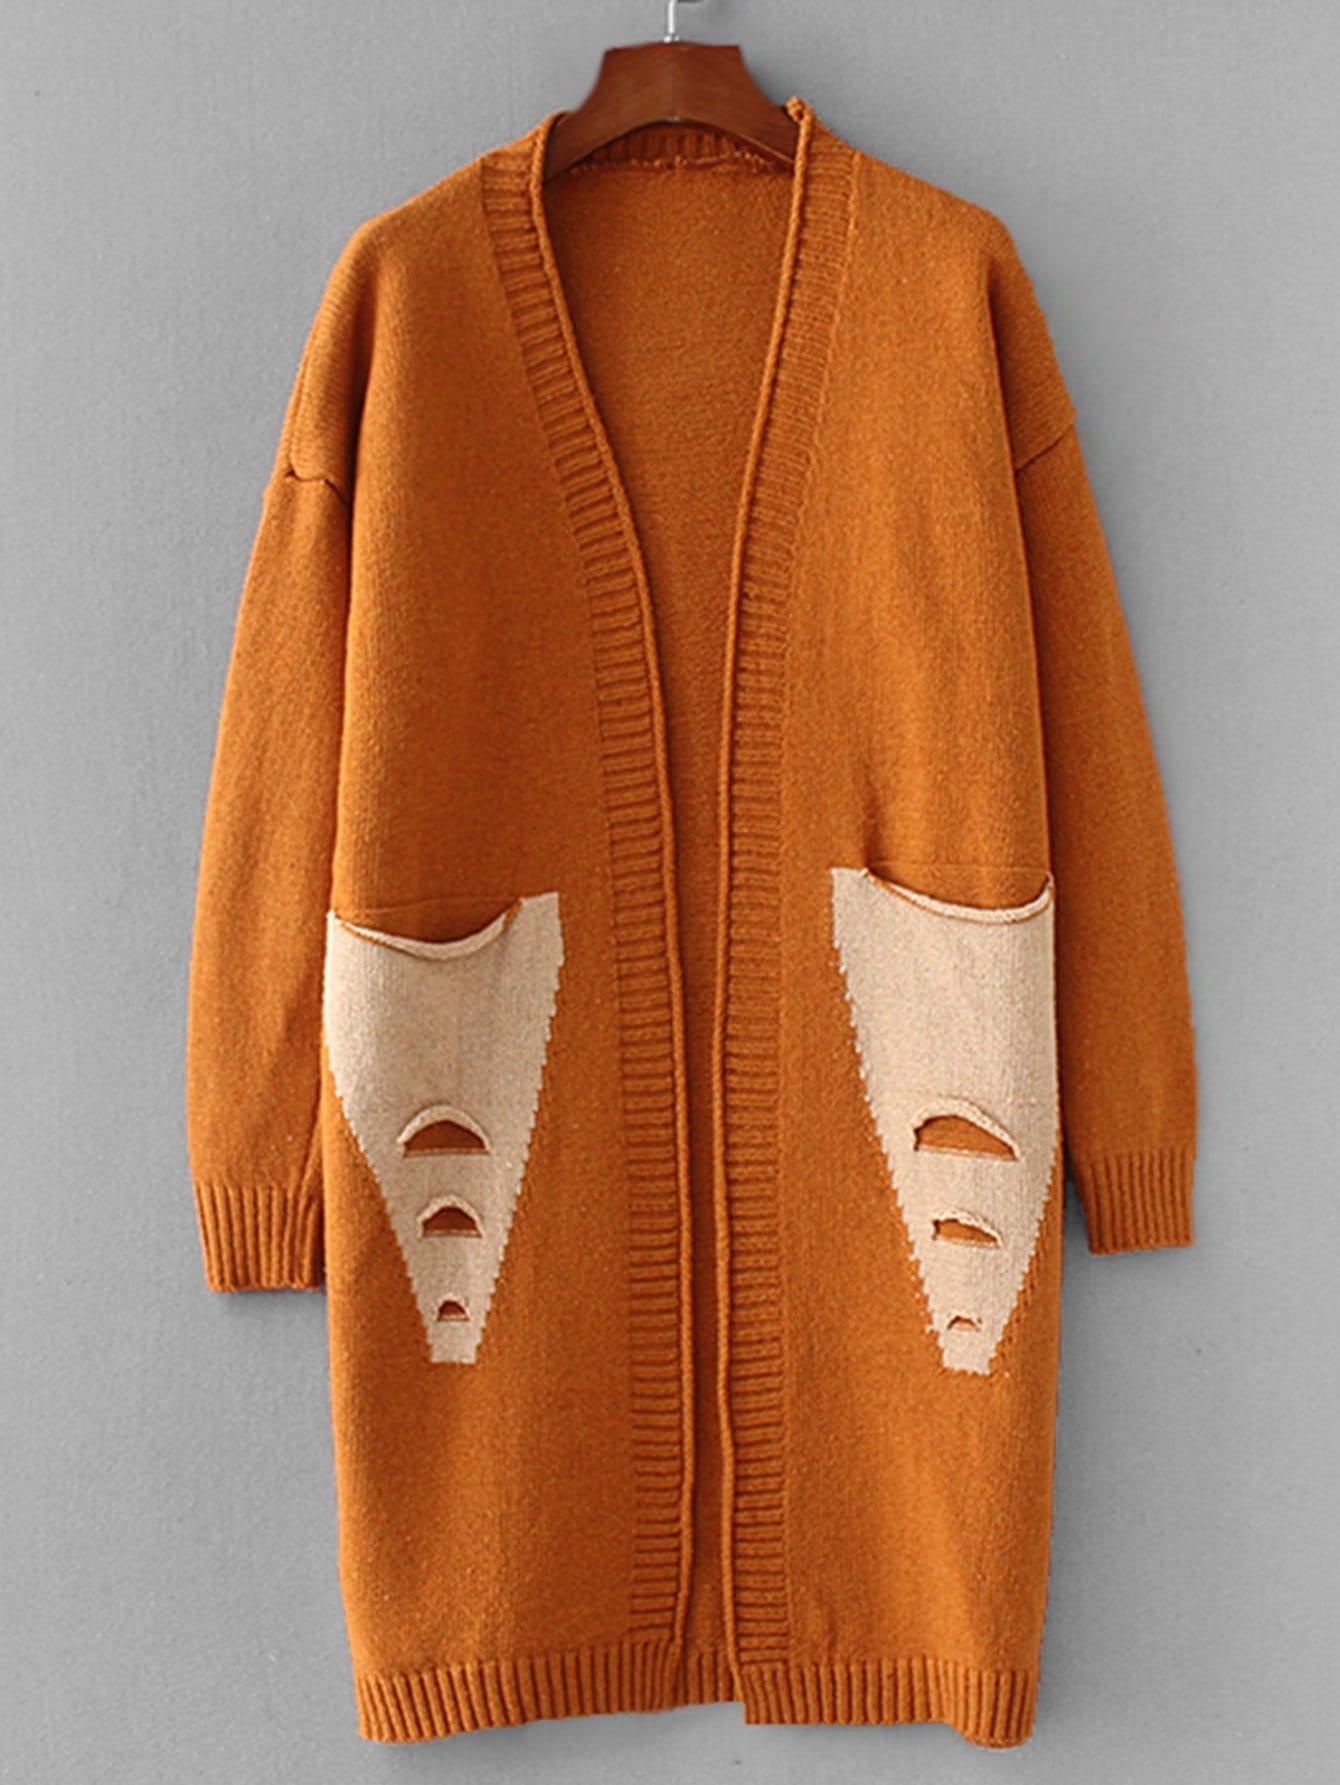 Купить Открытая фуфайка с заниженной линией плеч и со симметрическими карманами, null, SheIn